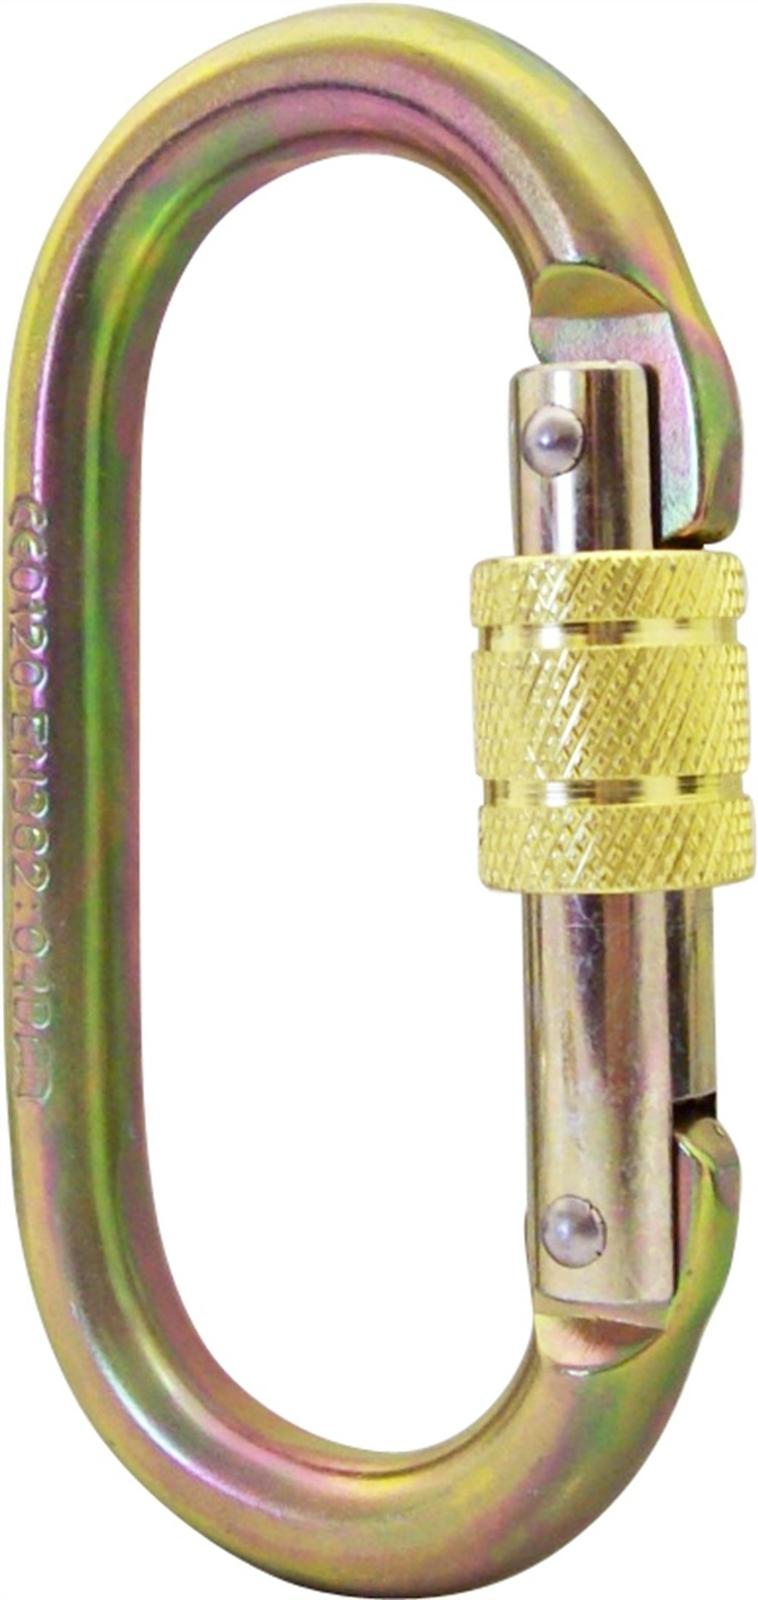 ISC Carabiners